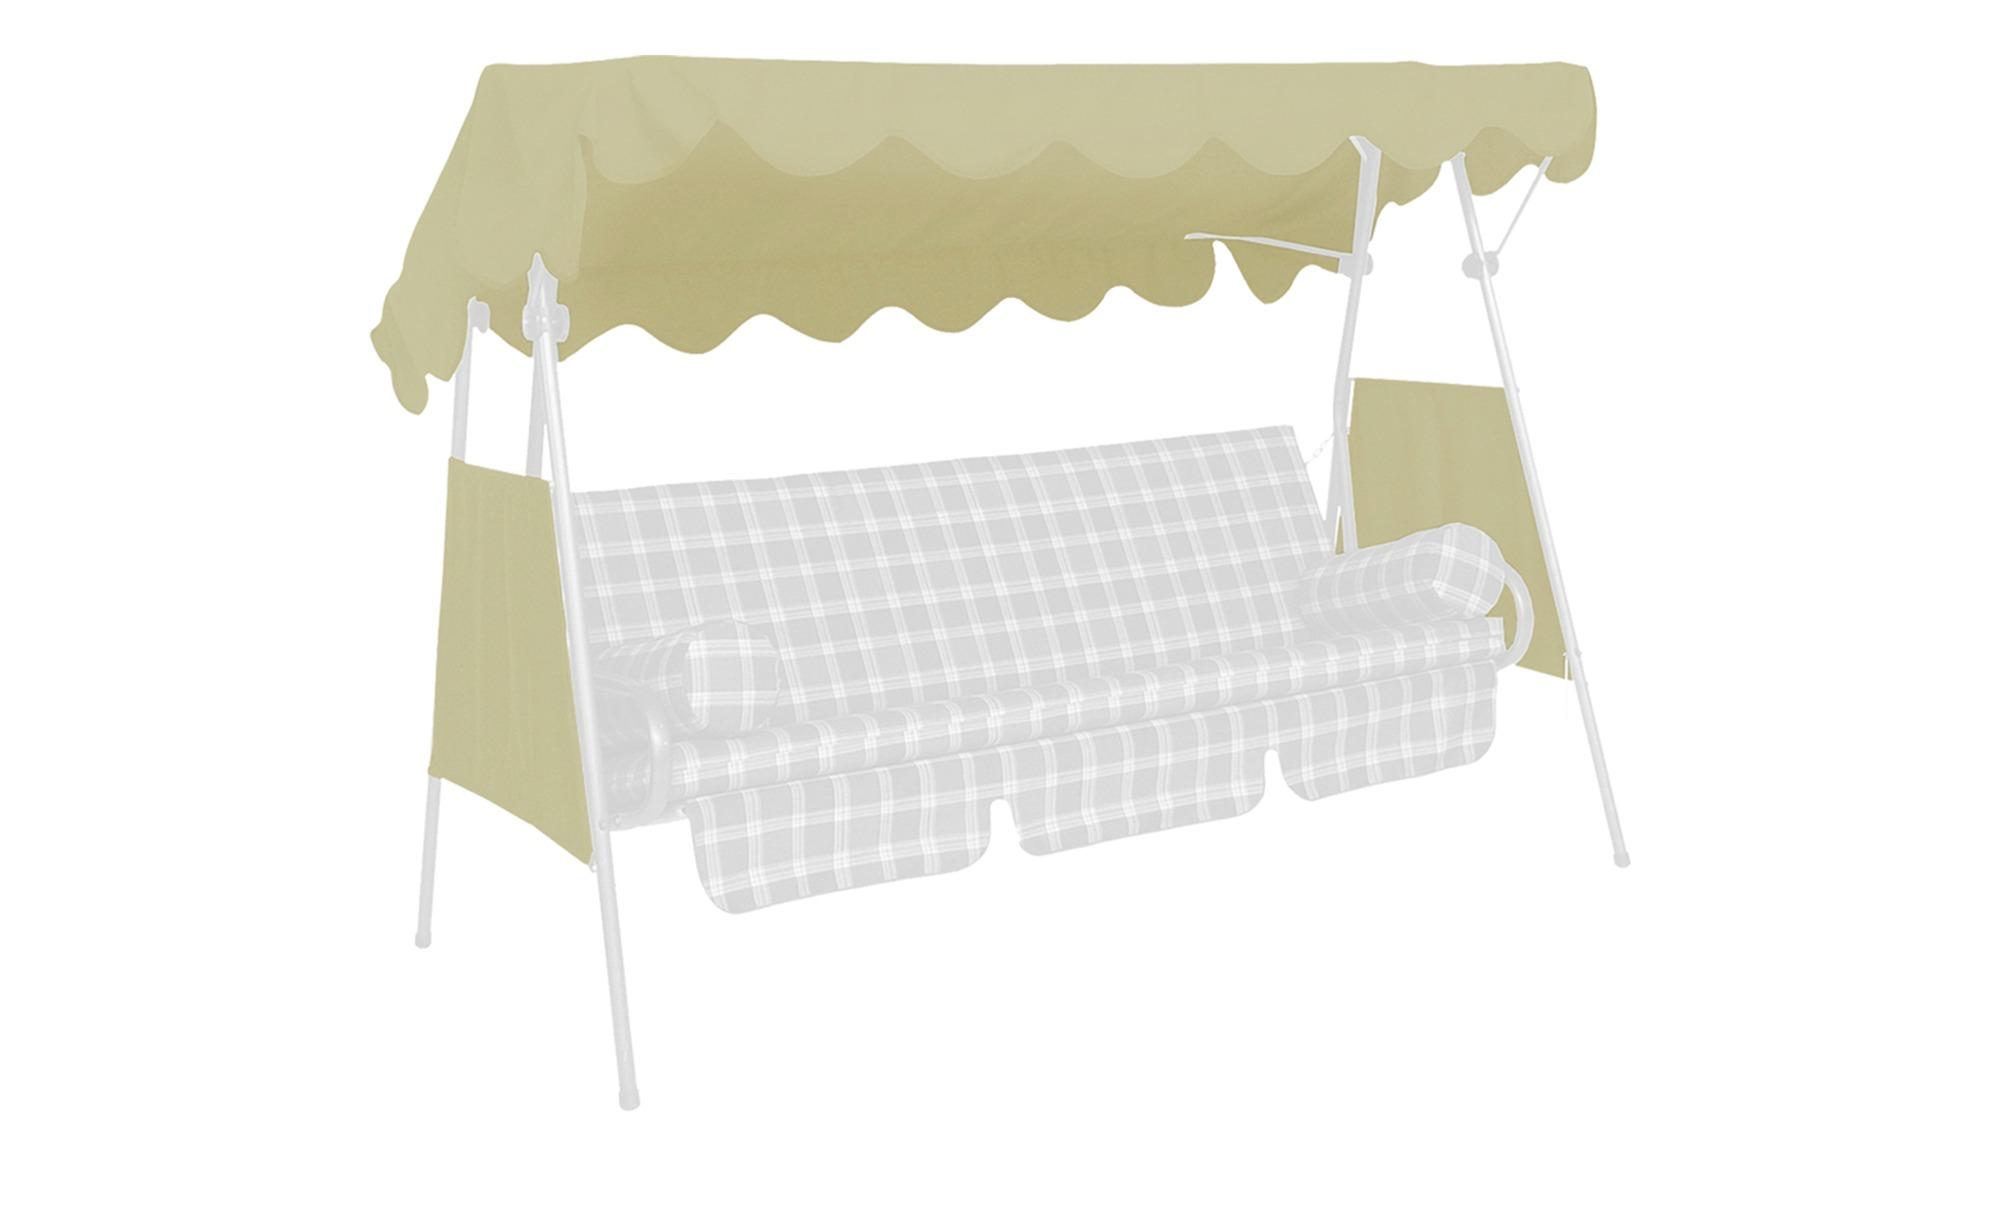 Dach & Seiten für Hollywoodschaukel - beige - 200 cm - 120 cm - Gartenmöbel > Garten-Zubehör > Gartenmöbel Schutzhauben - Möbel Kraft | Garten > Gartenmöbel > Hollywoodschaukeln | Sconto